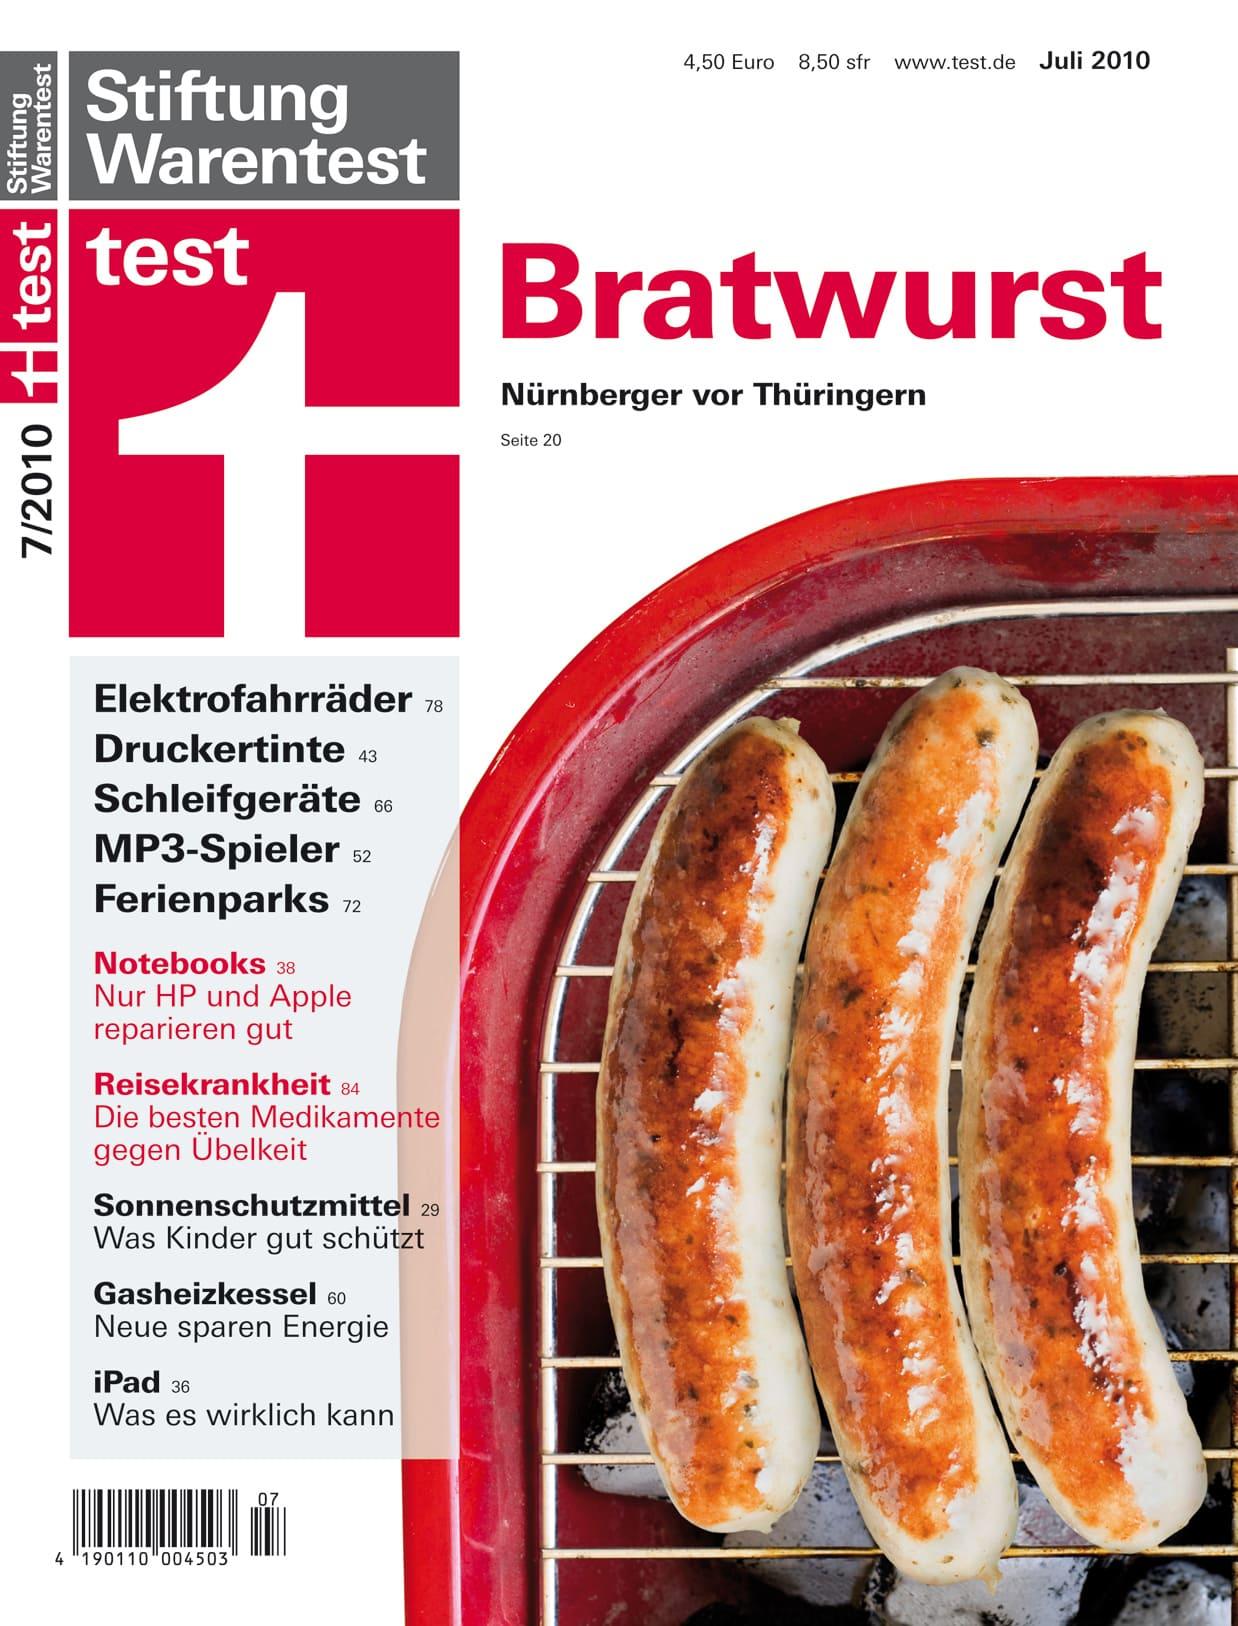 Stiftung Warentest von Antje Plewinski Foodfotografie